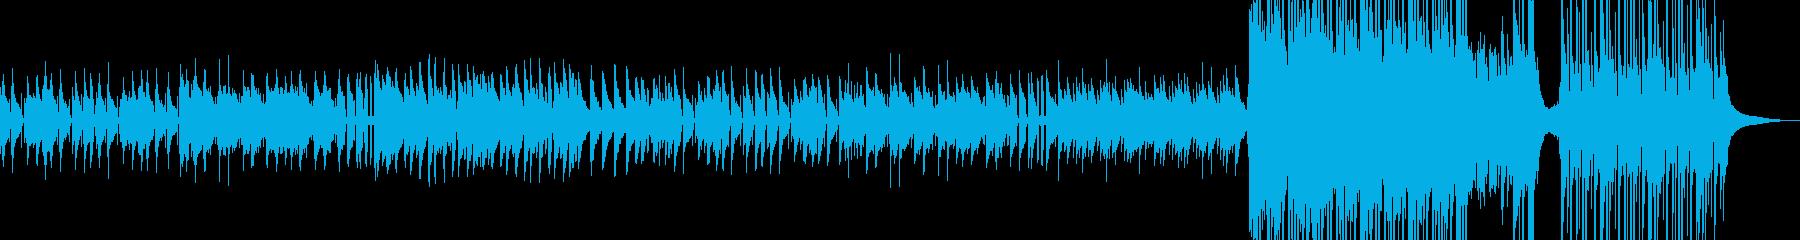 爽やかな木管とギターと感動の終盤 短尺★の再生済みの波形